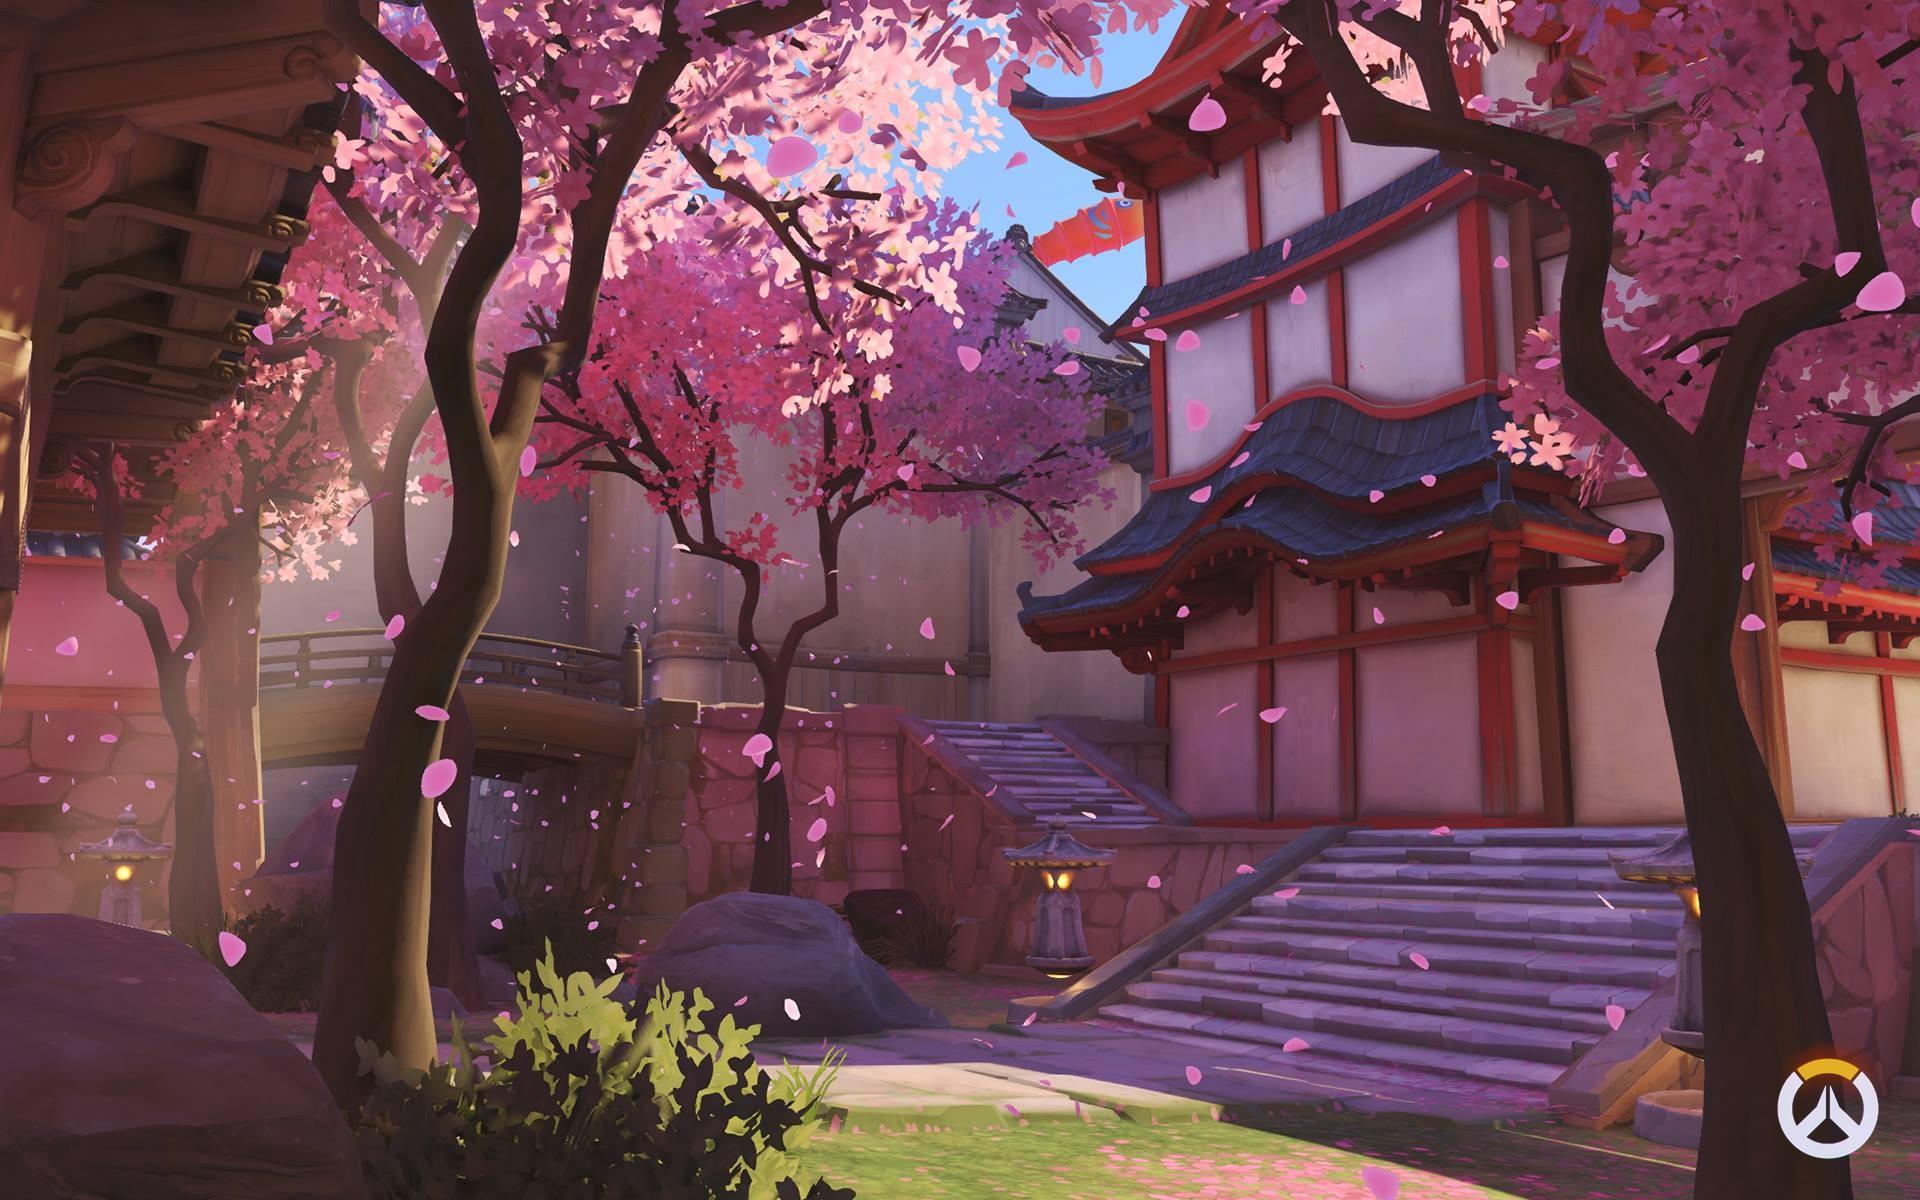 唯美的场景 《守望先锋》高清画质花村地图壁纸